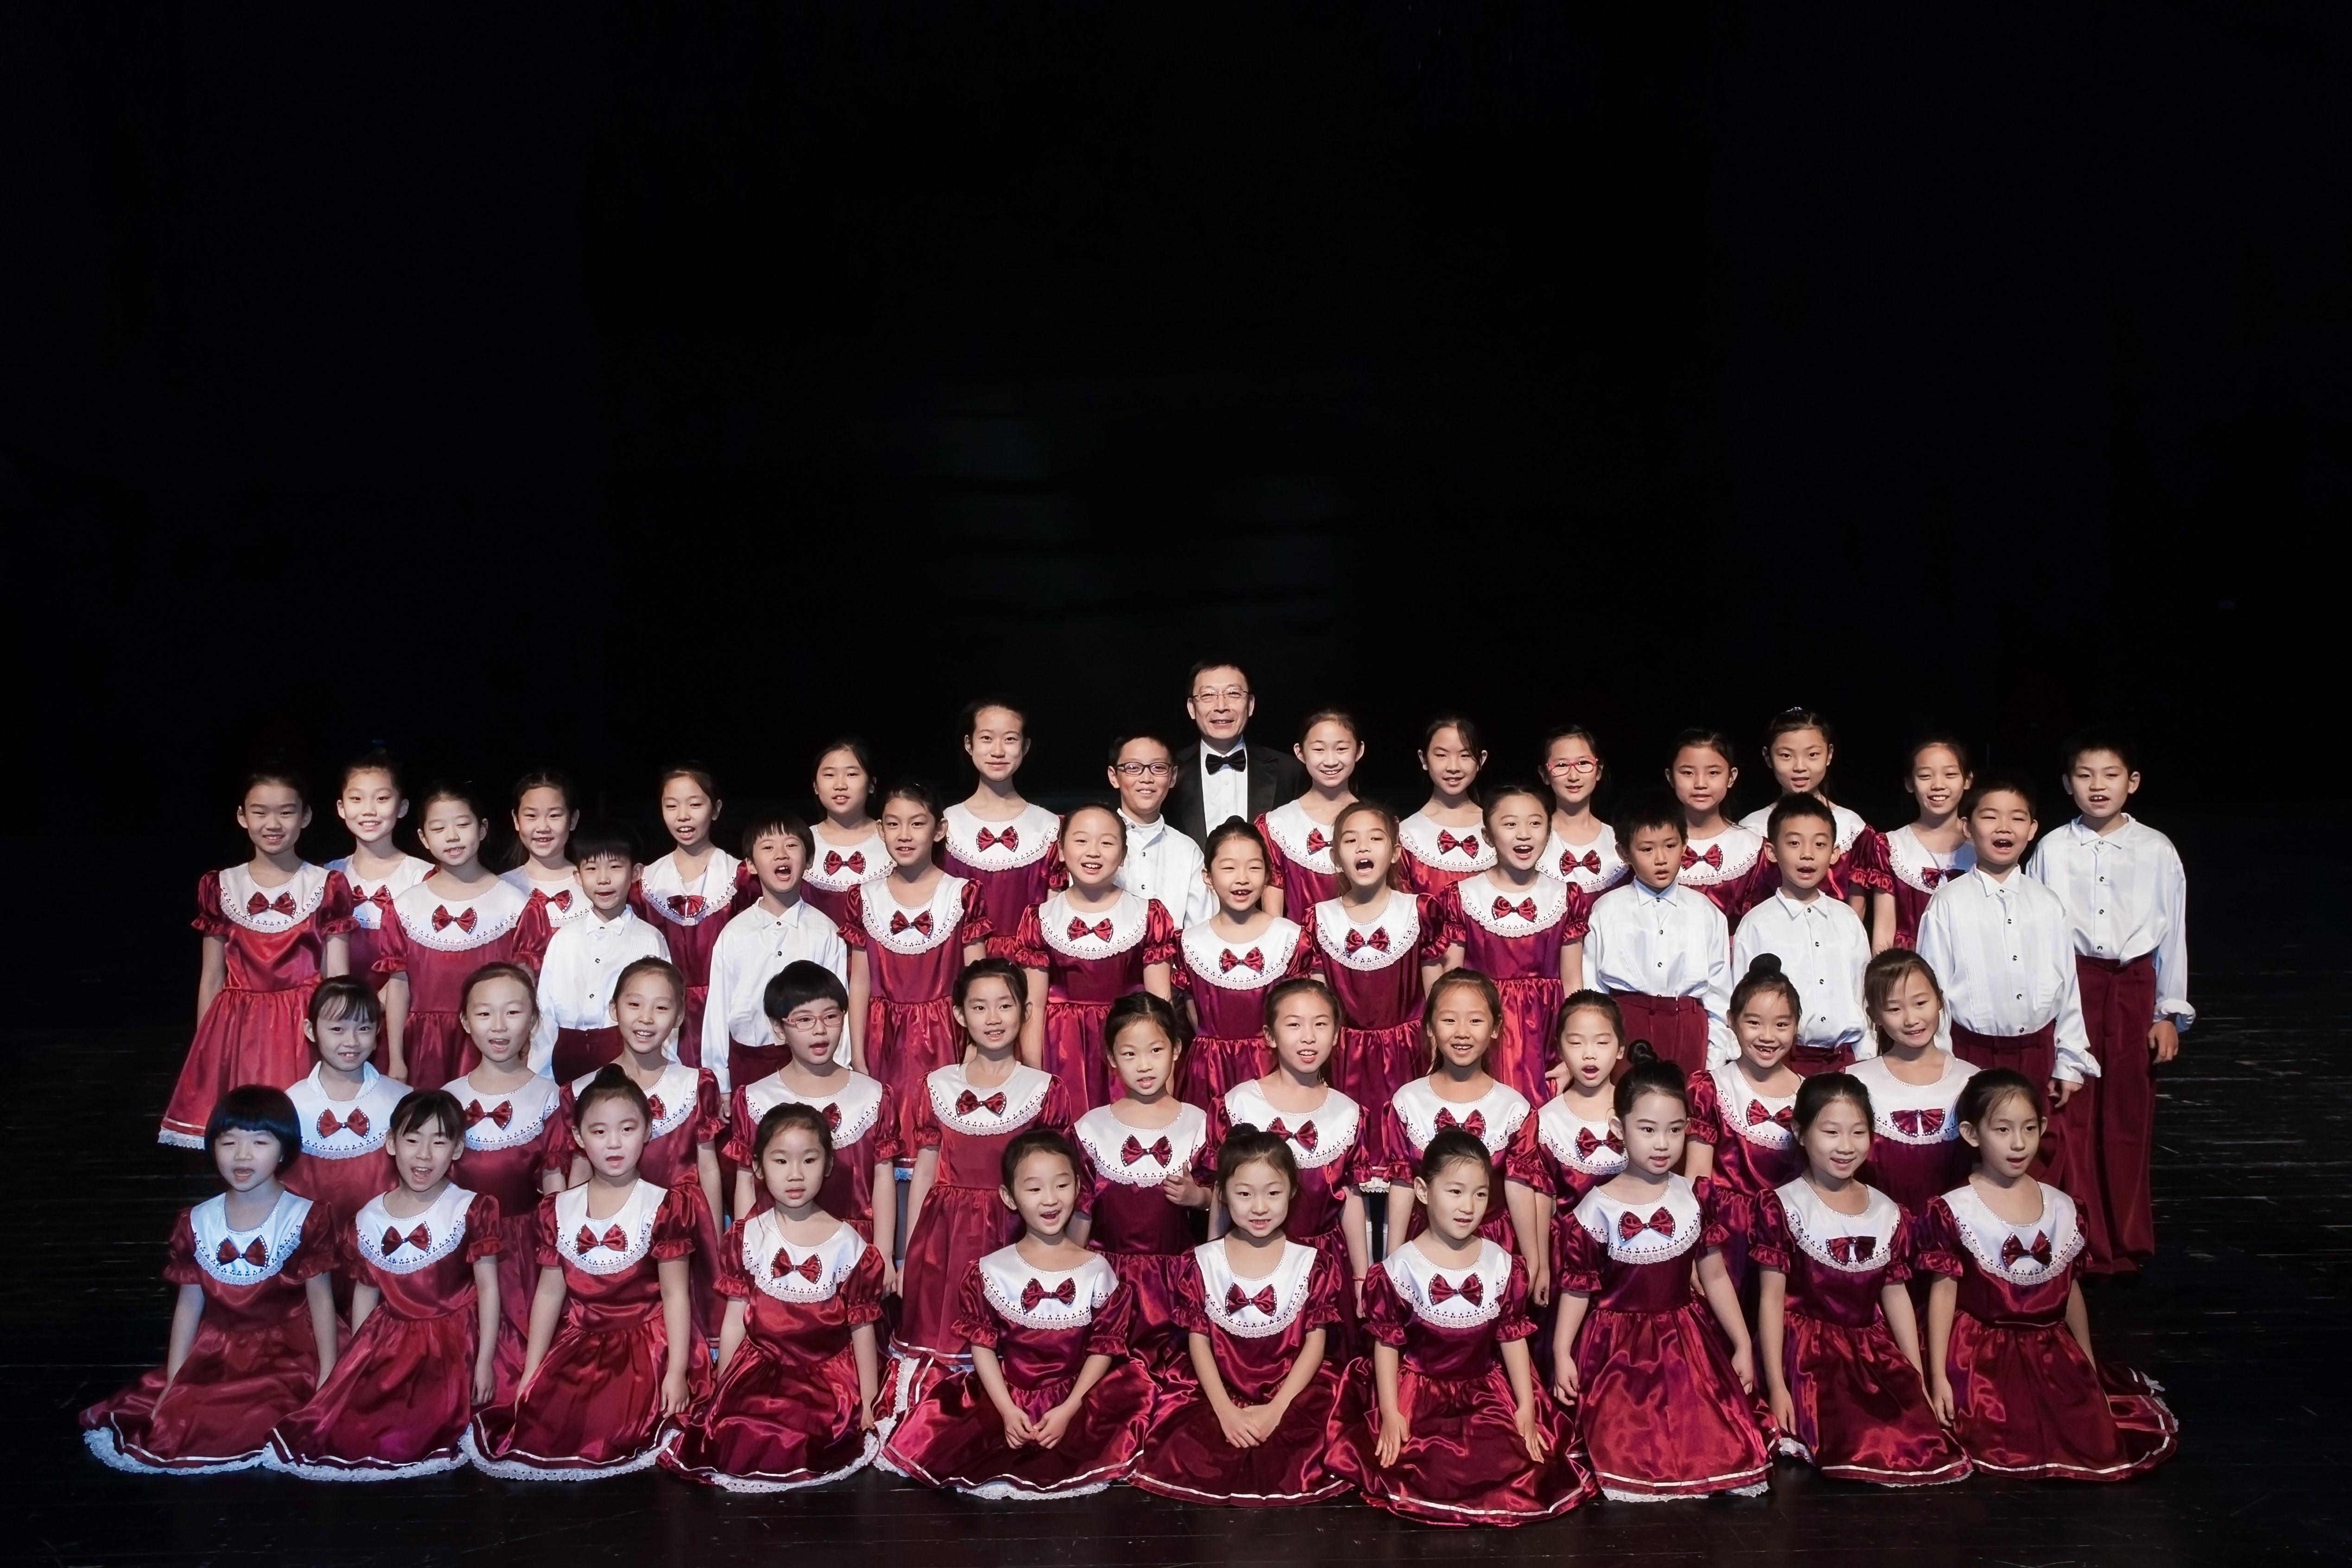 2020北京天桥艺术中心童声合唱团 (暨中国国际合唱节附属童声示范团)招生简章 TQPAC Children's Choir